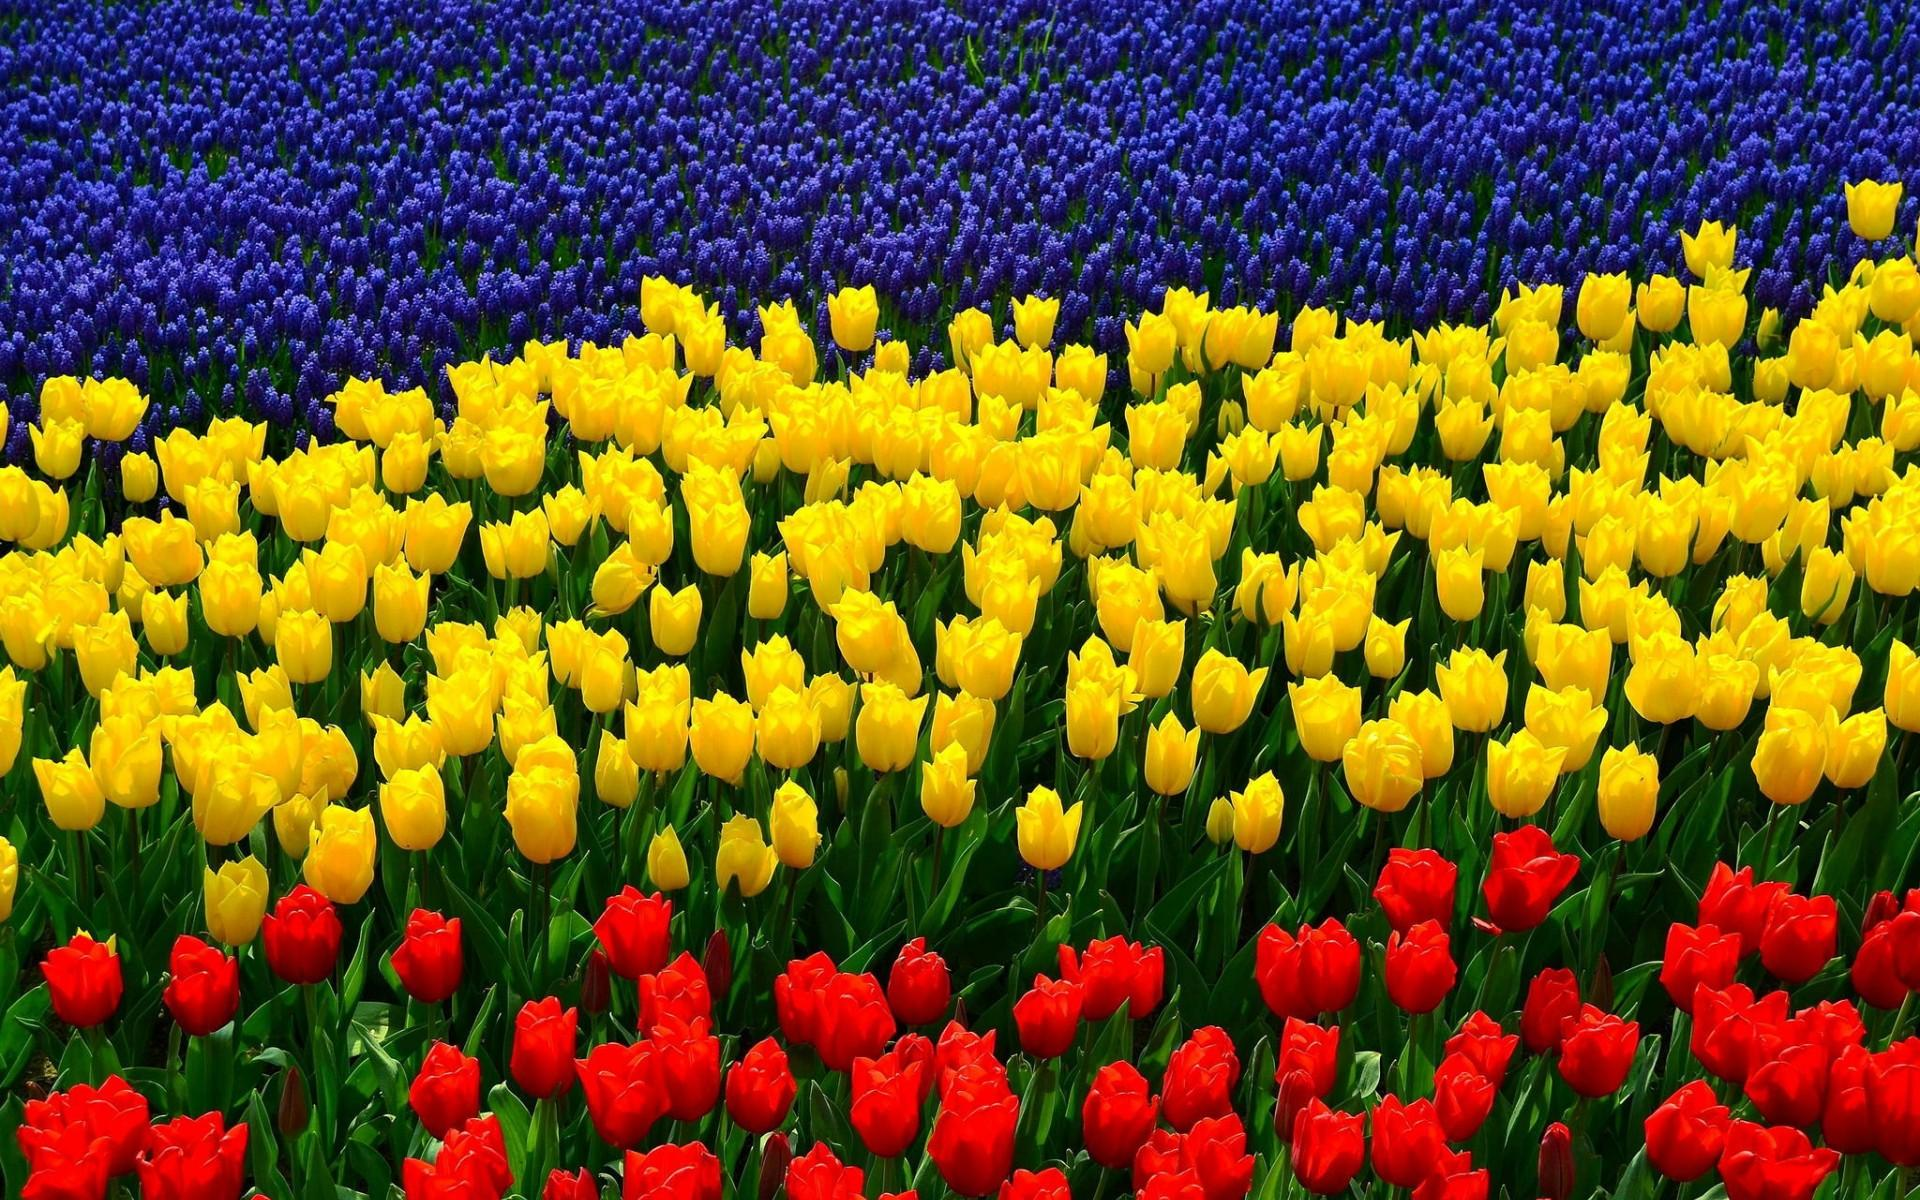 Dalla Toscana idee per non fare appassire i fiori